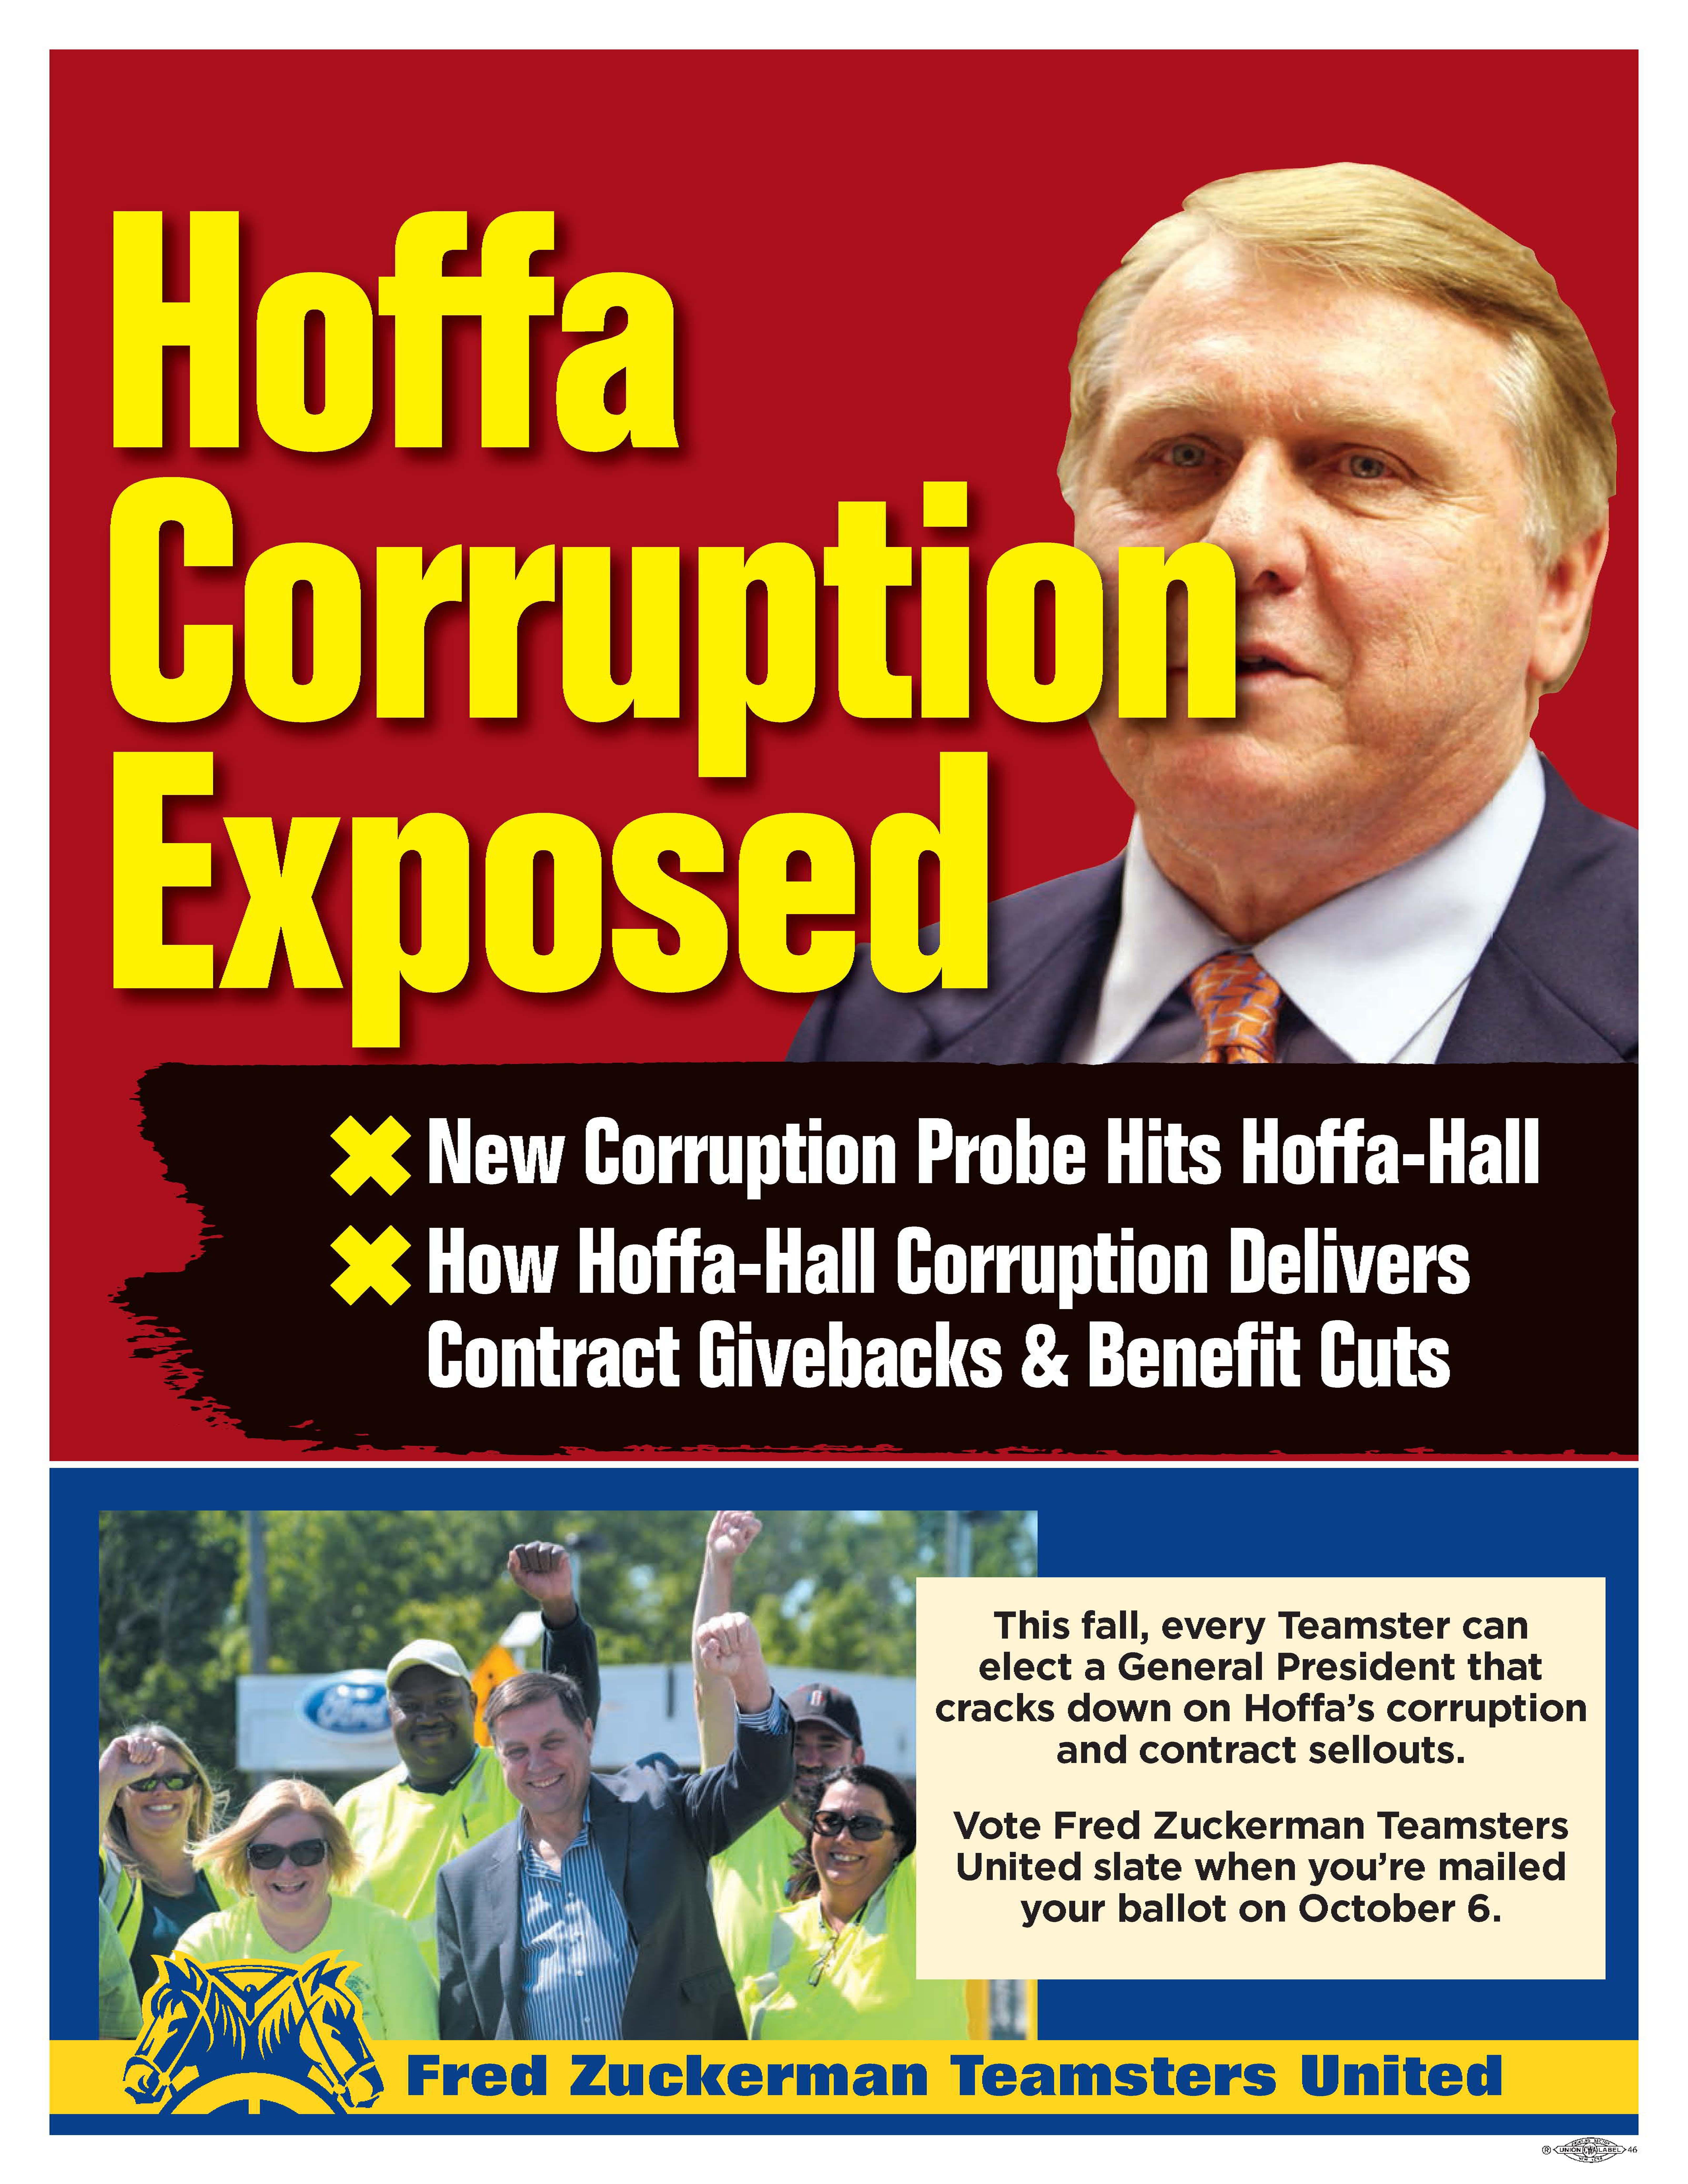 Hoffa_Corruption-web-2.jpg